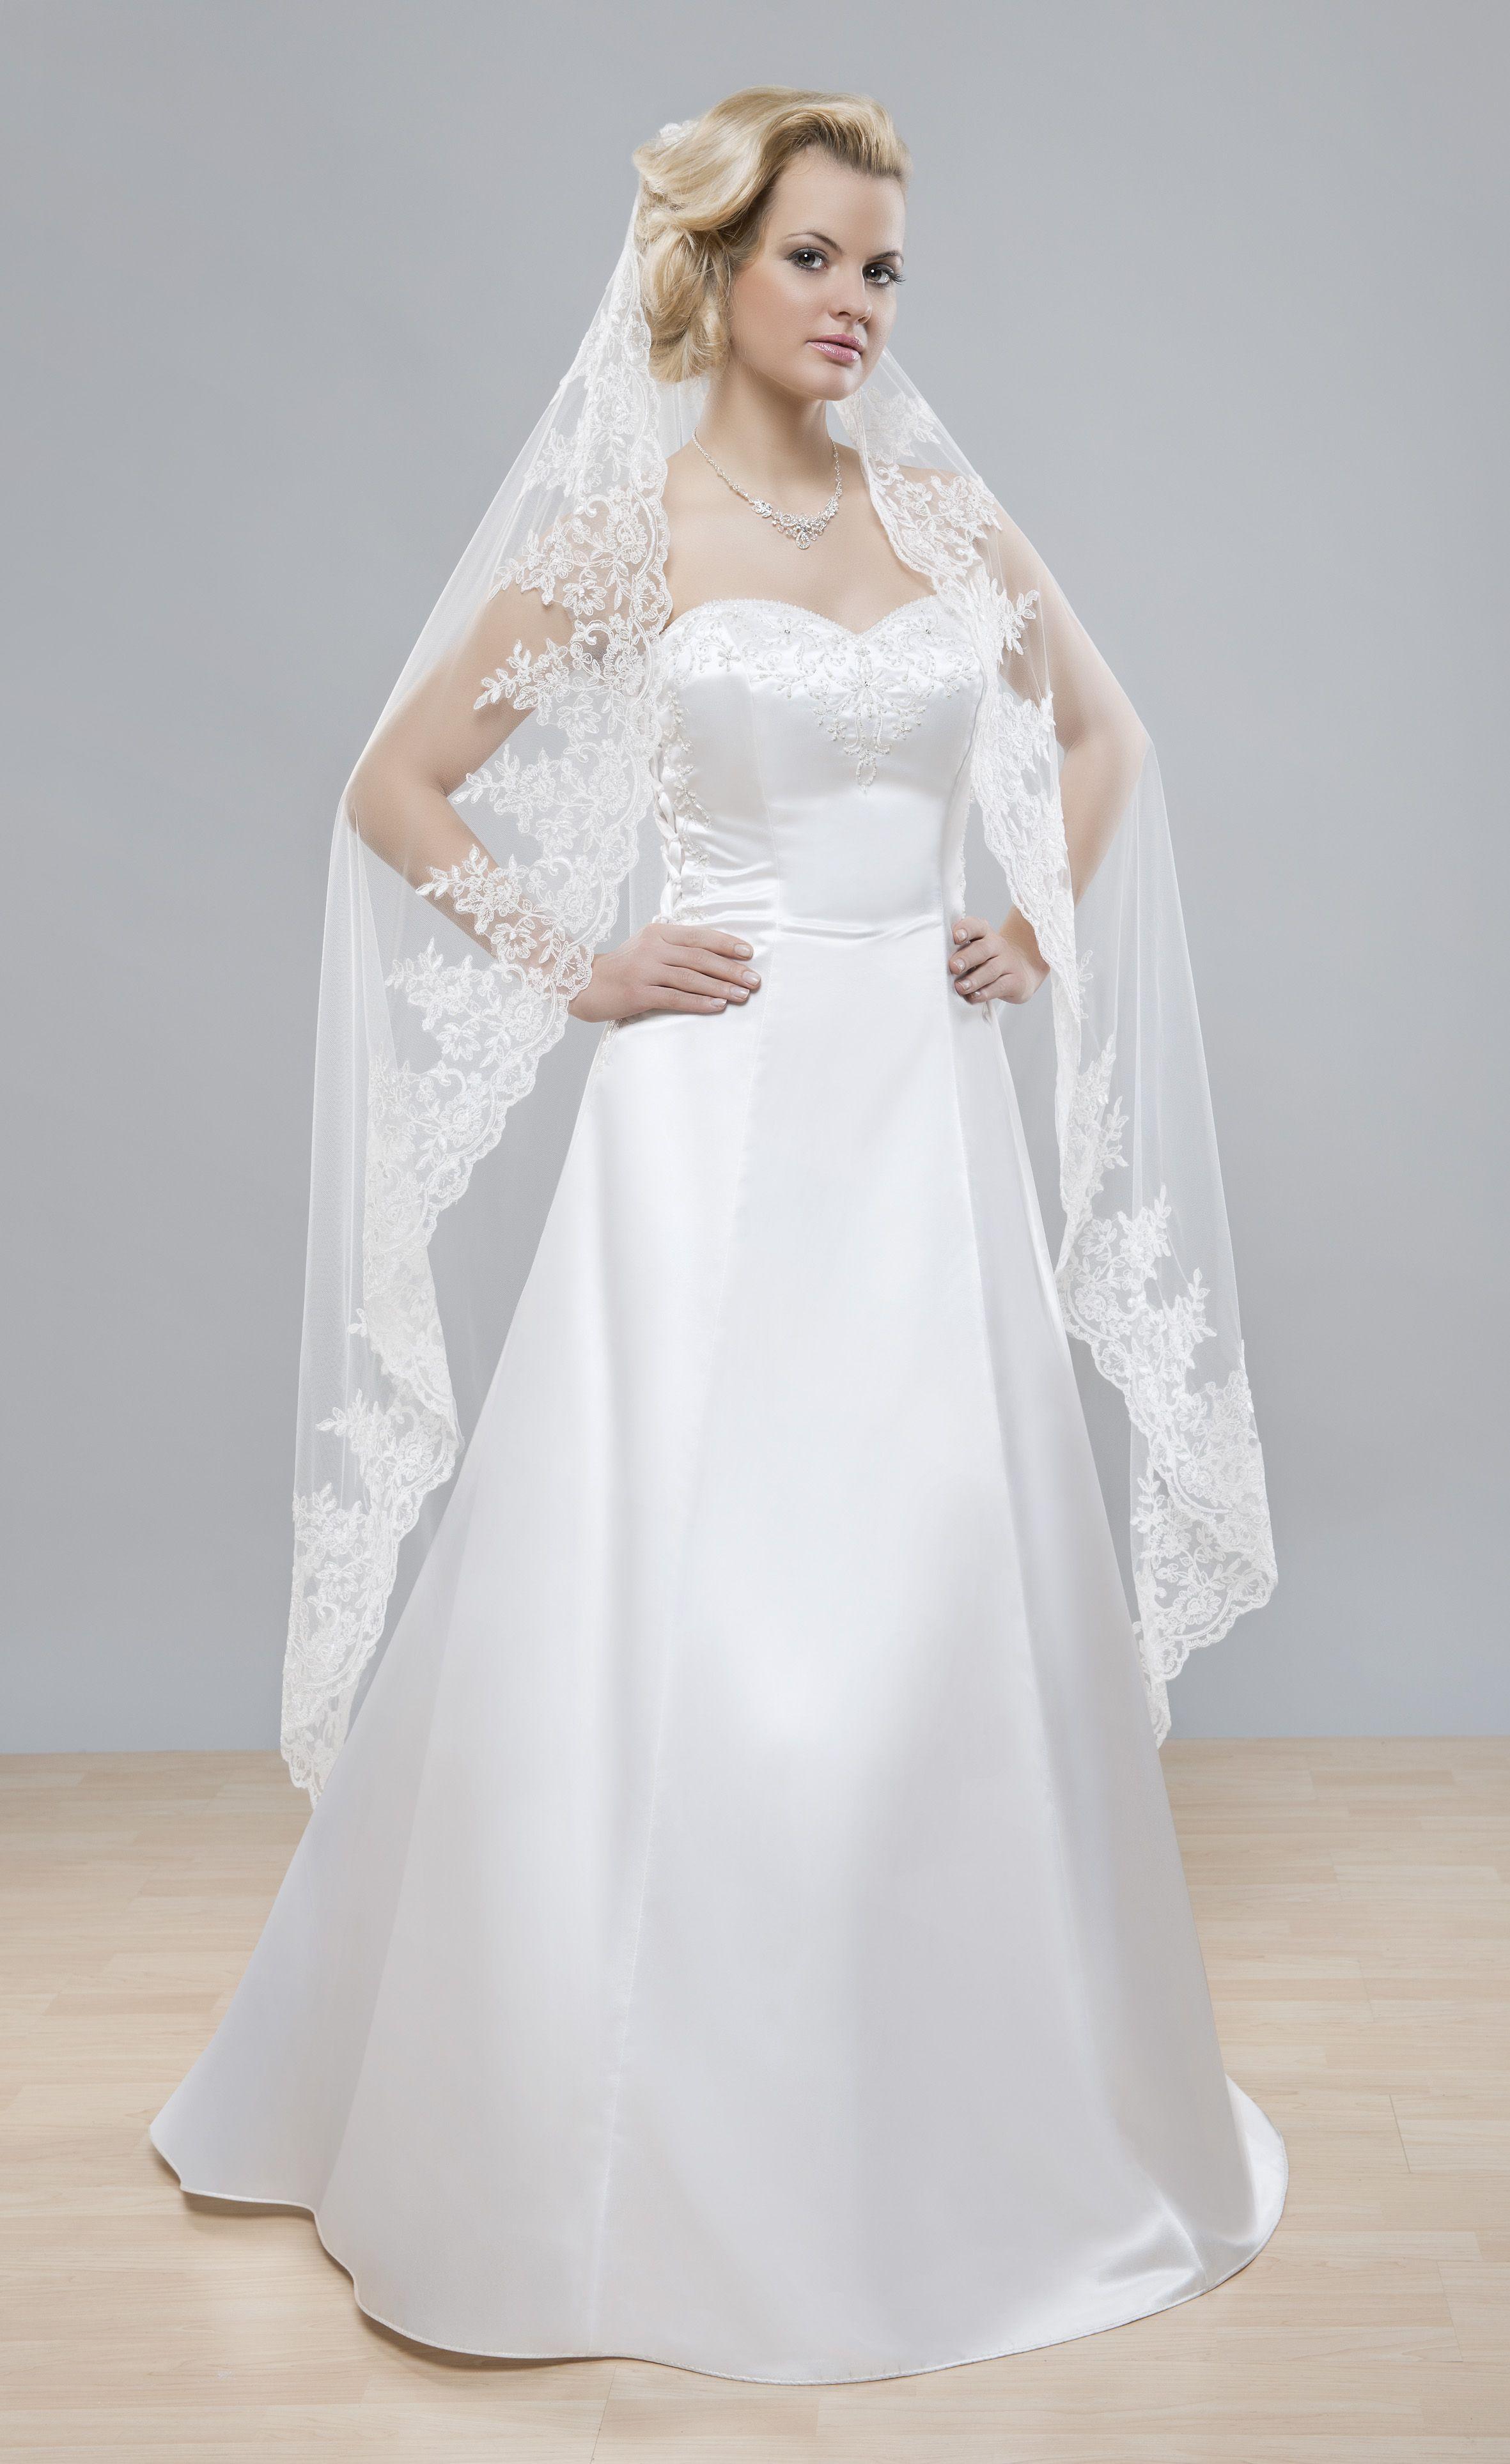 Najobľúbenejší svadobný závoj z kategórie španielskych svadobných závojov z kolekcii Glamour.